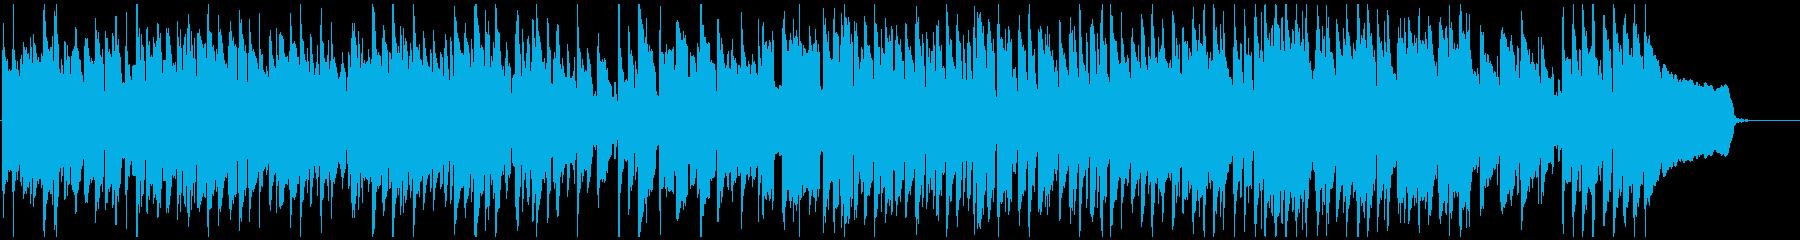 楽しい、嬉しい気分の日常系リコーダー曲の再生済みの波形